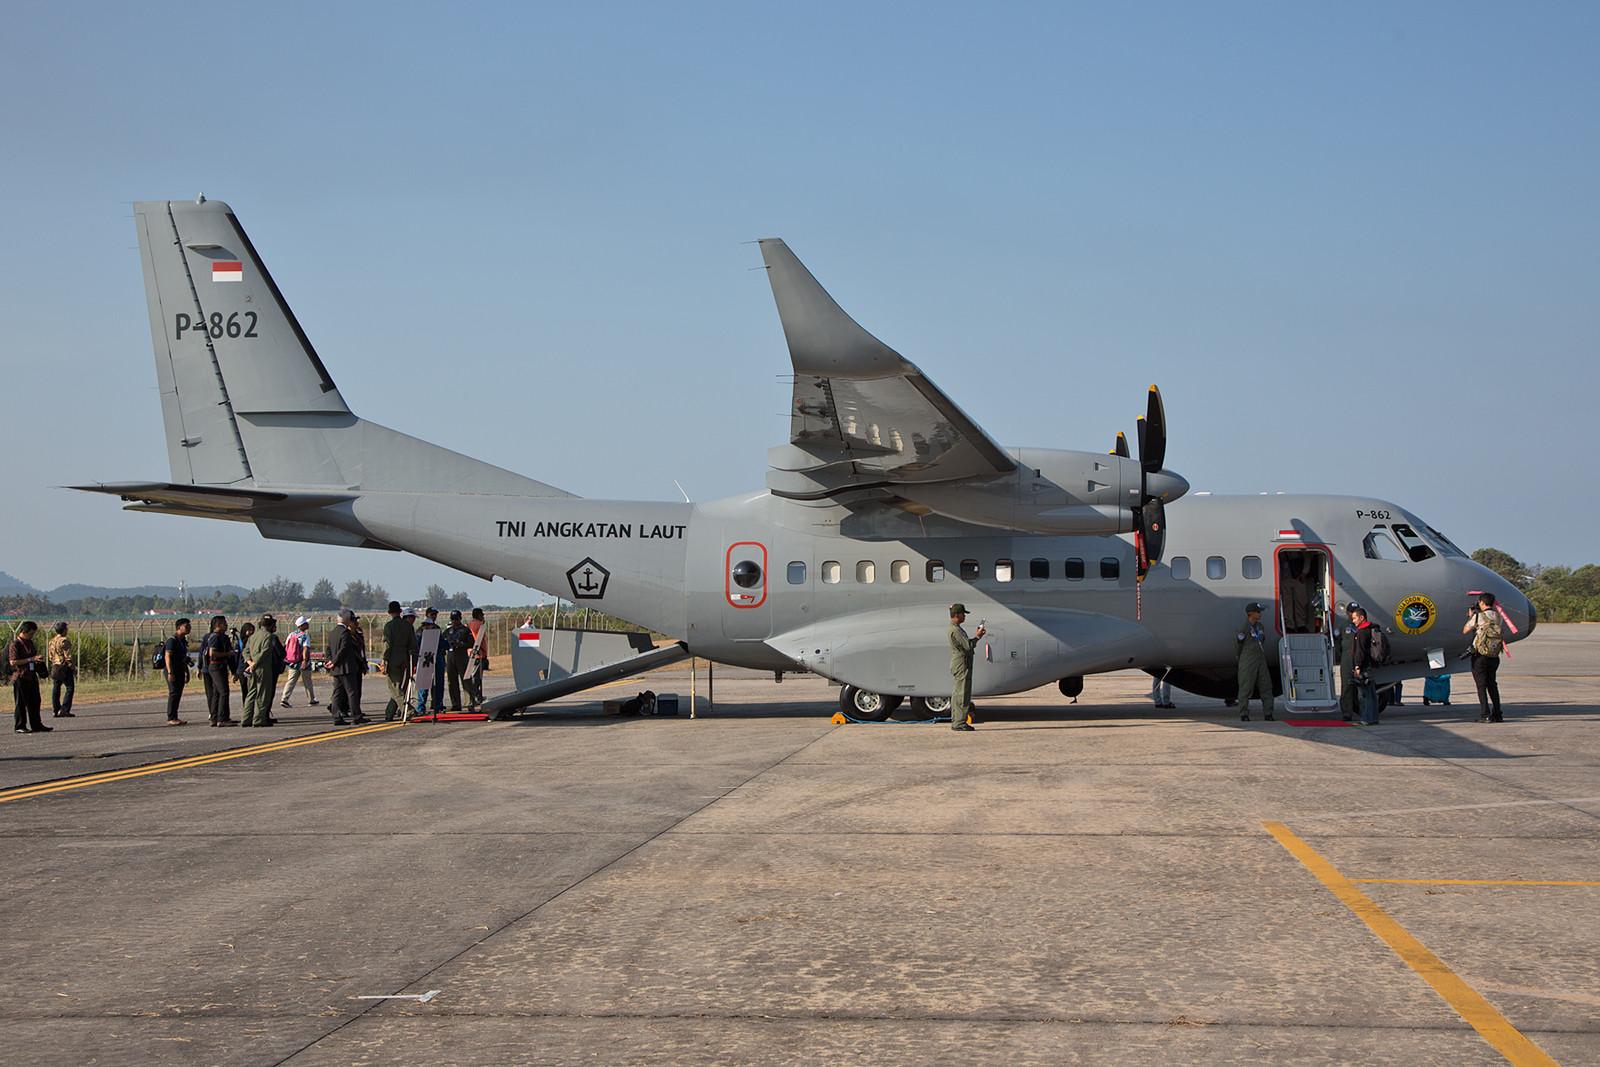 Die P-862 von außen, die CASA CN-235MPA´s gehören zur  Skwadron Udara 800 in Surabaya auf Java.